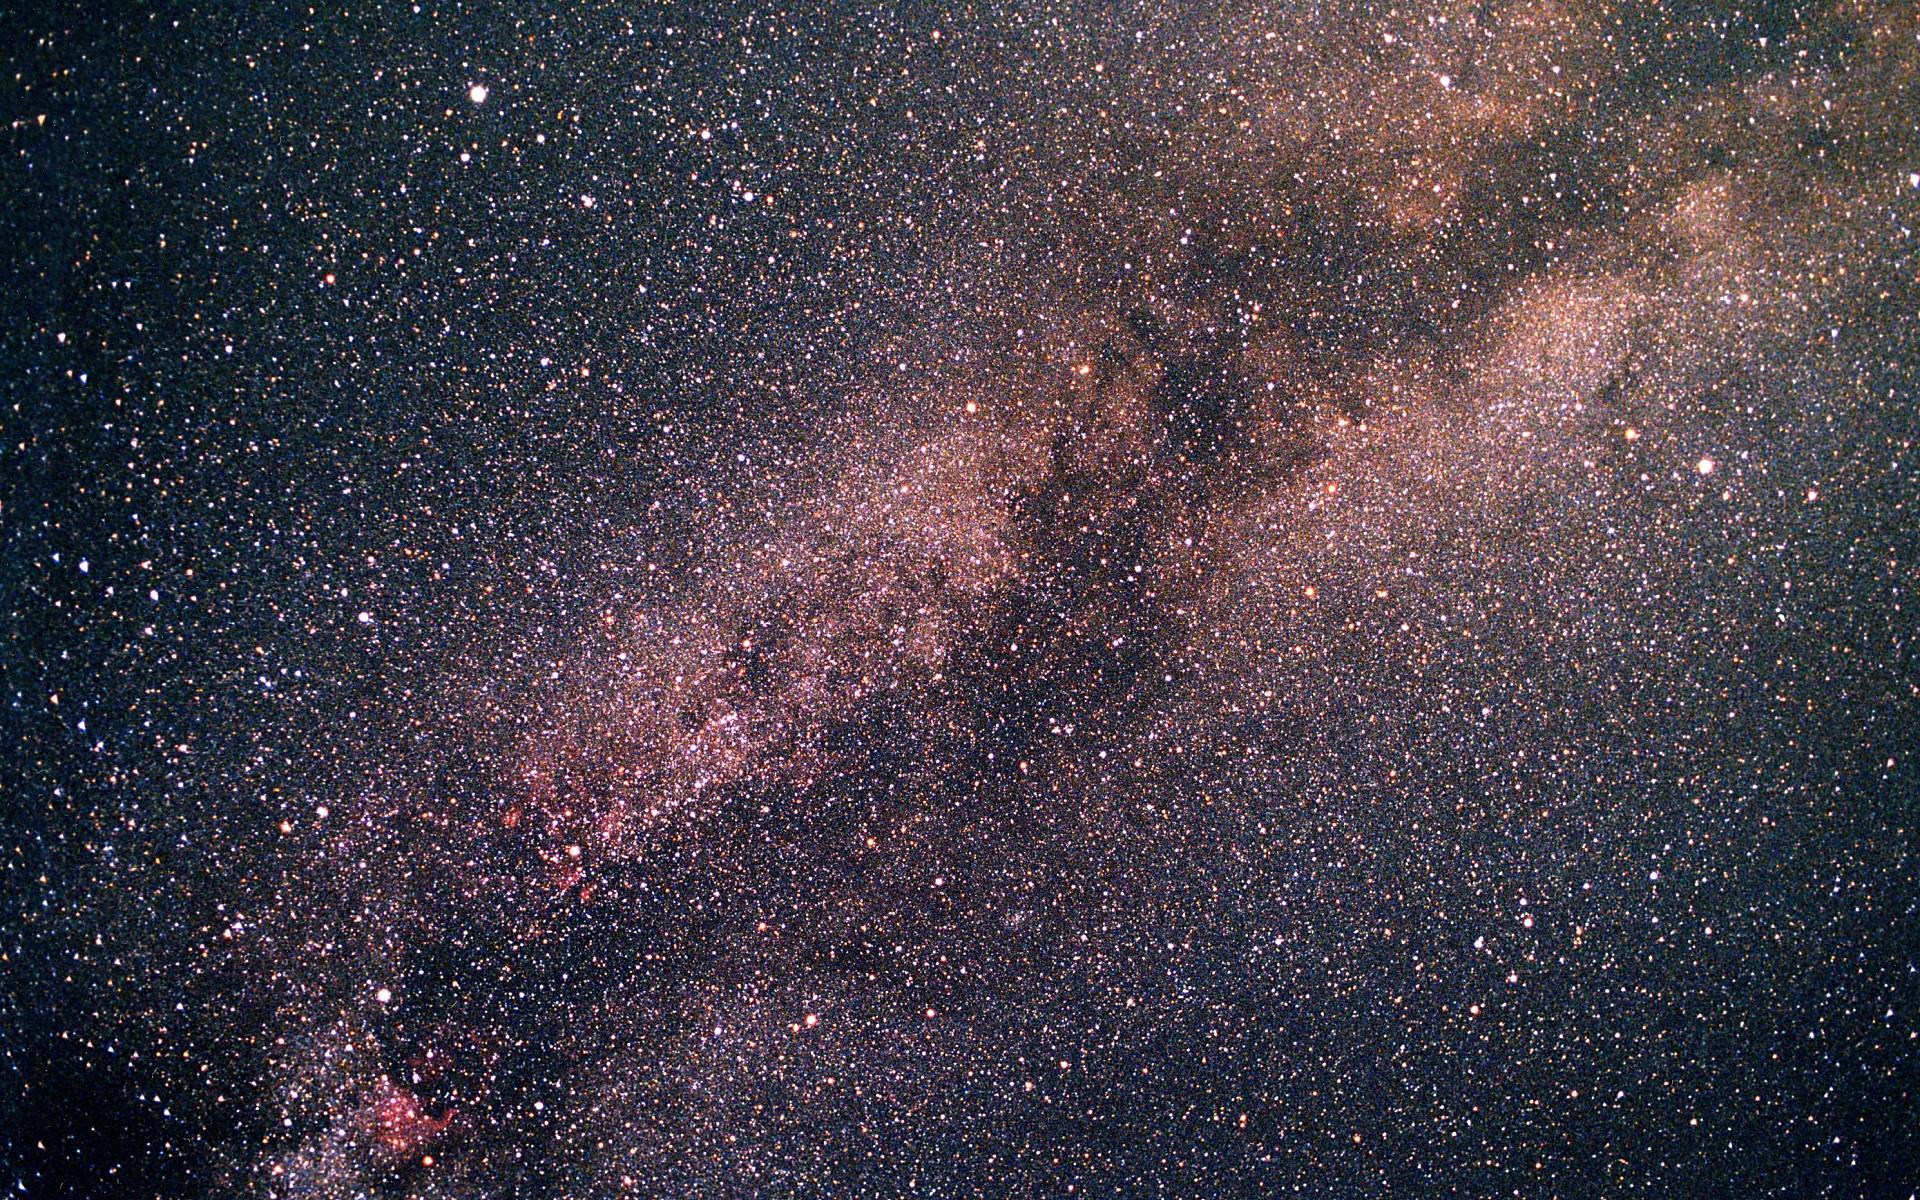 輝く銀河の宇宙画像